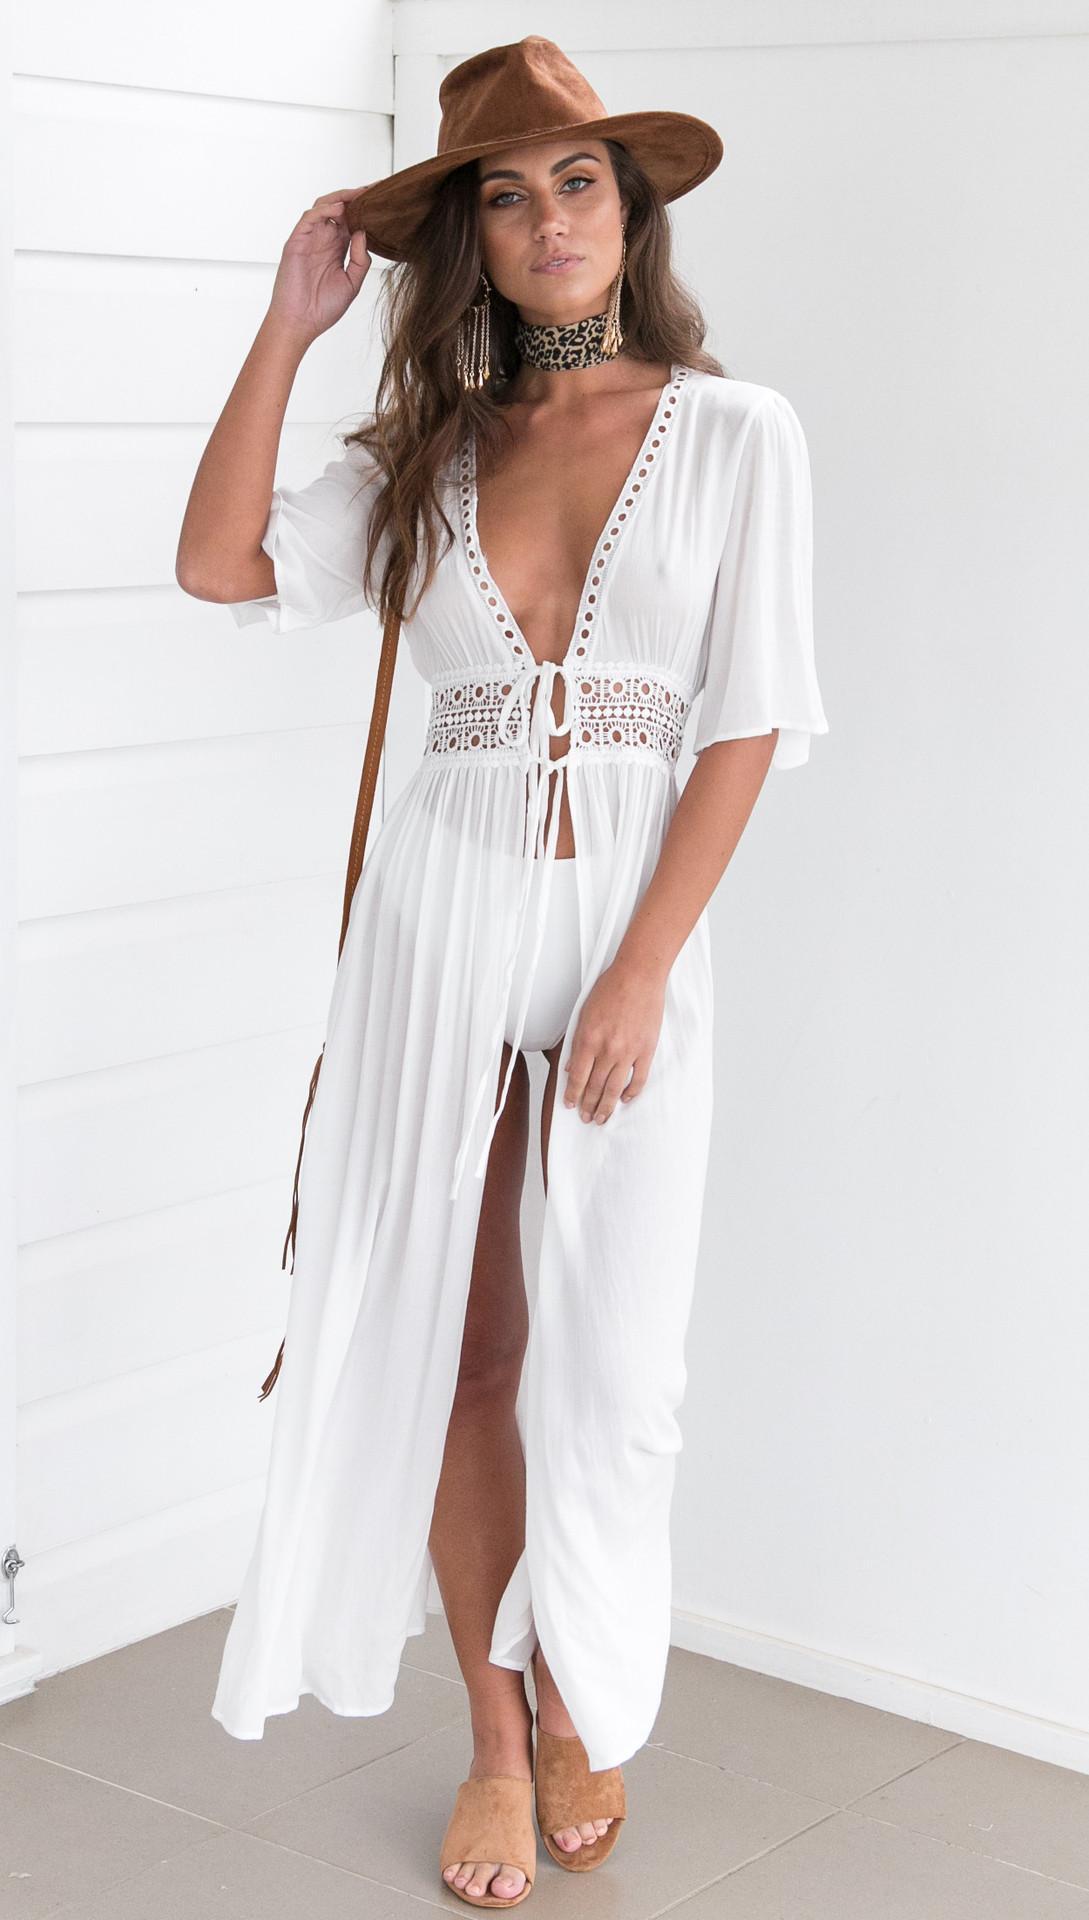 Langes Frauen Ausschnitt Sommer V Boho Kleid Kleider Weißes Transparent Juicy Chiffon Strand Für Open Deep nOmPvN80yw